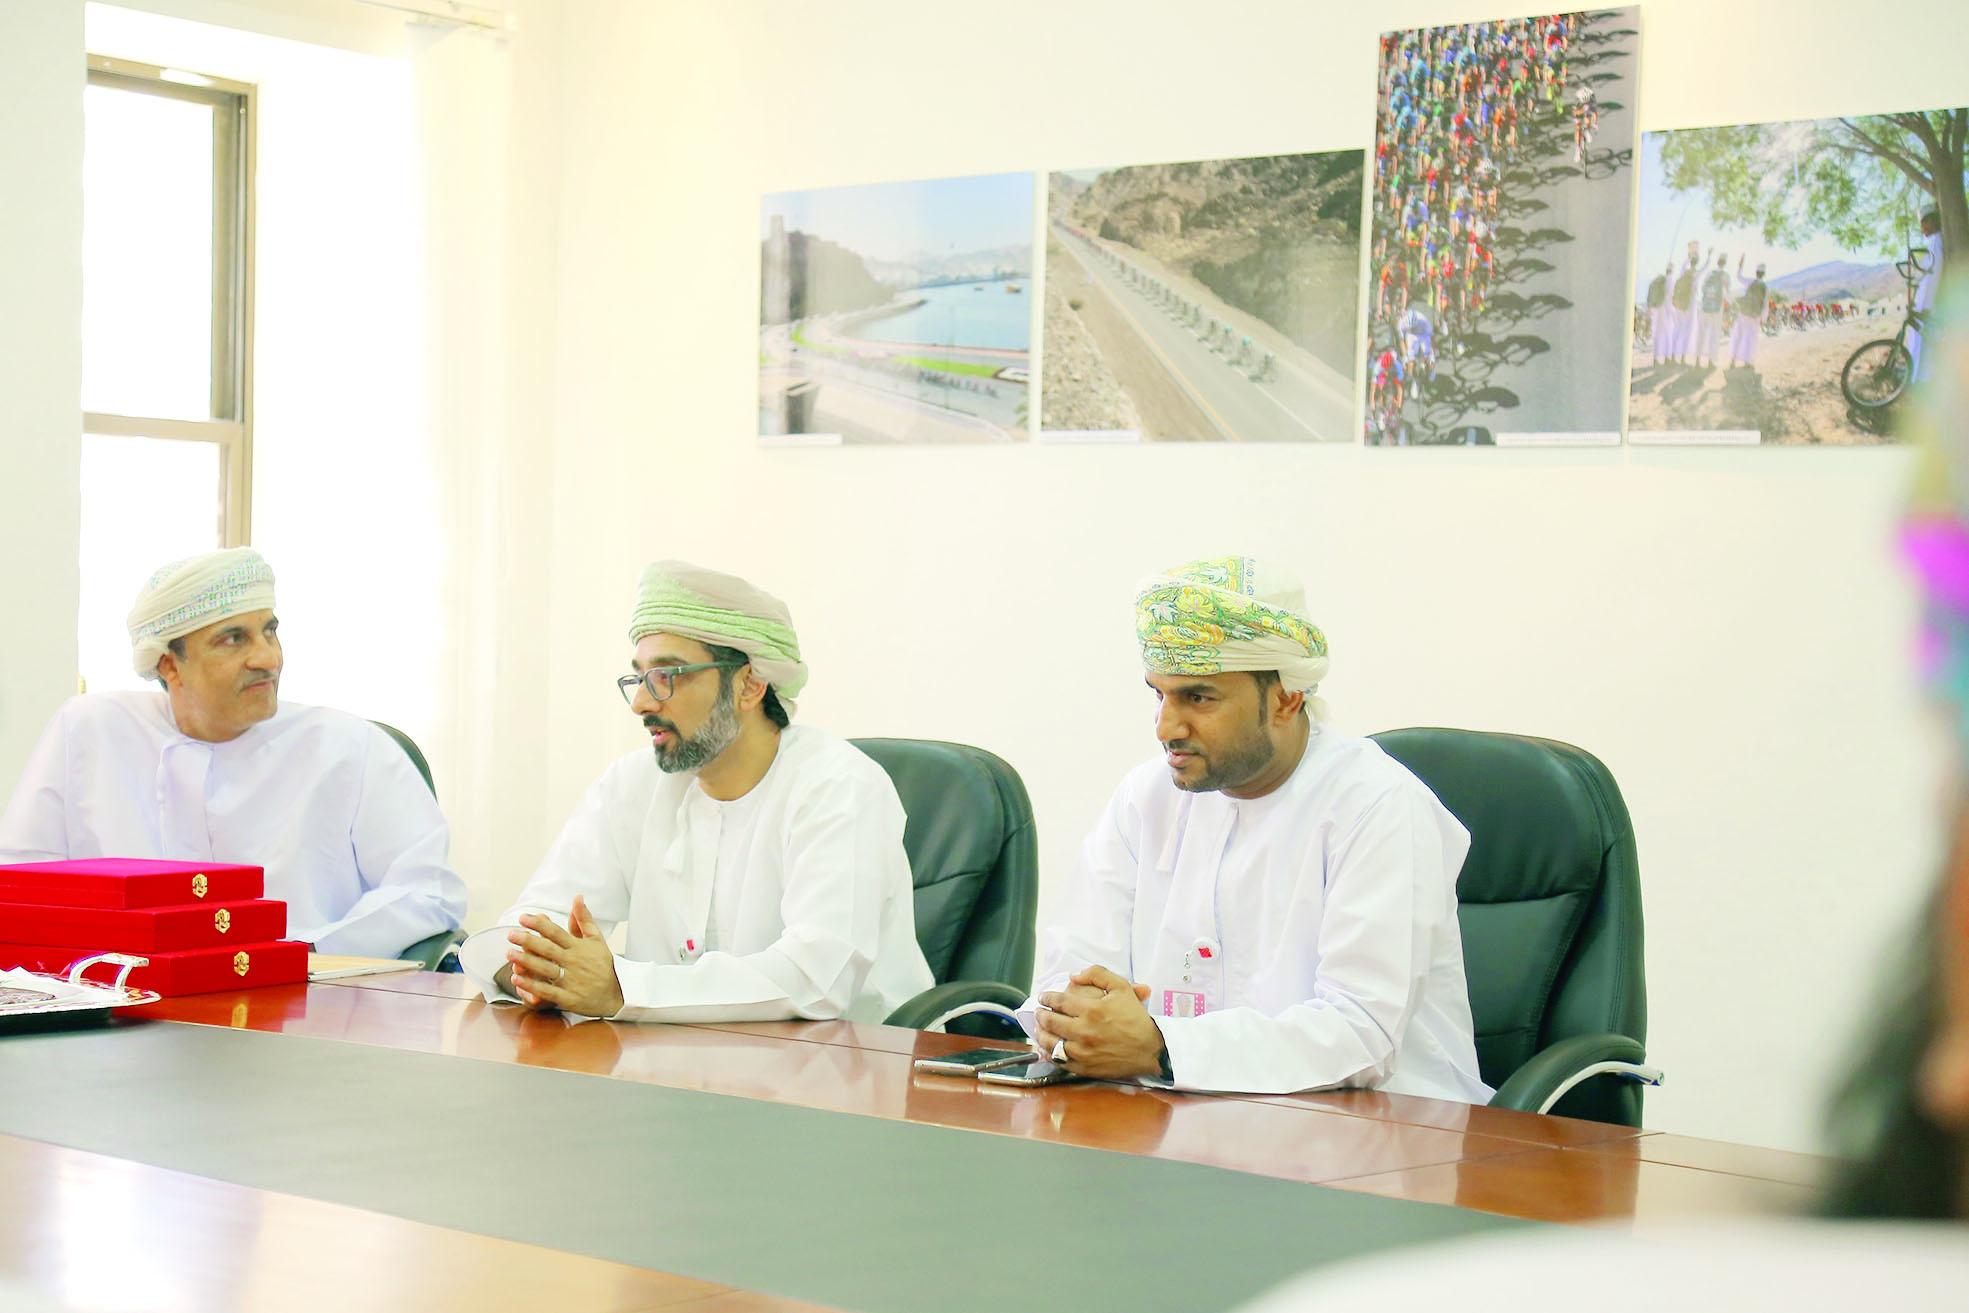 بلدية مسقط تكرِّم الفائزين في مسابقة أجمل صورة في «طواف عُمان 2018»